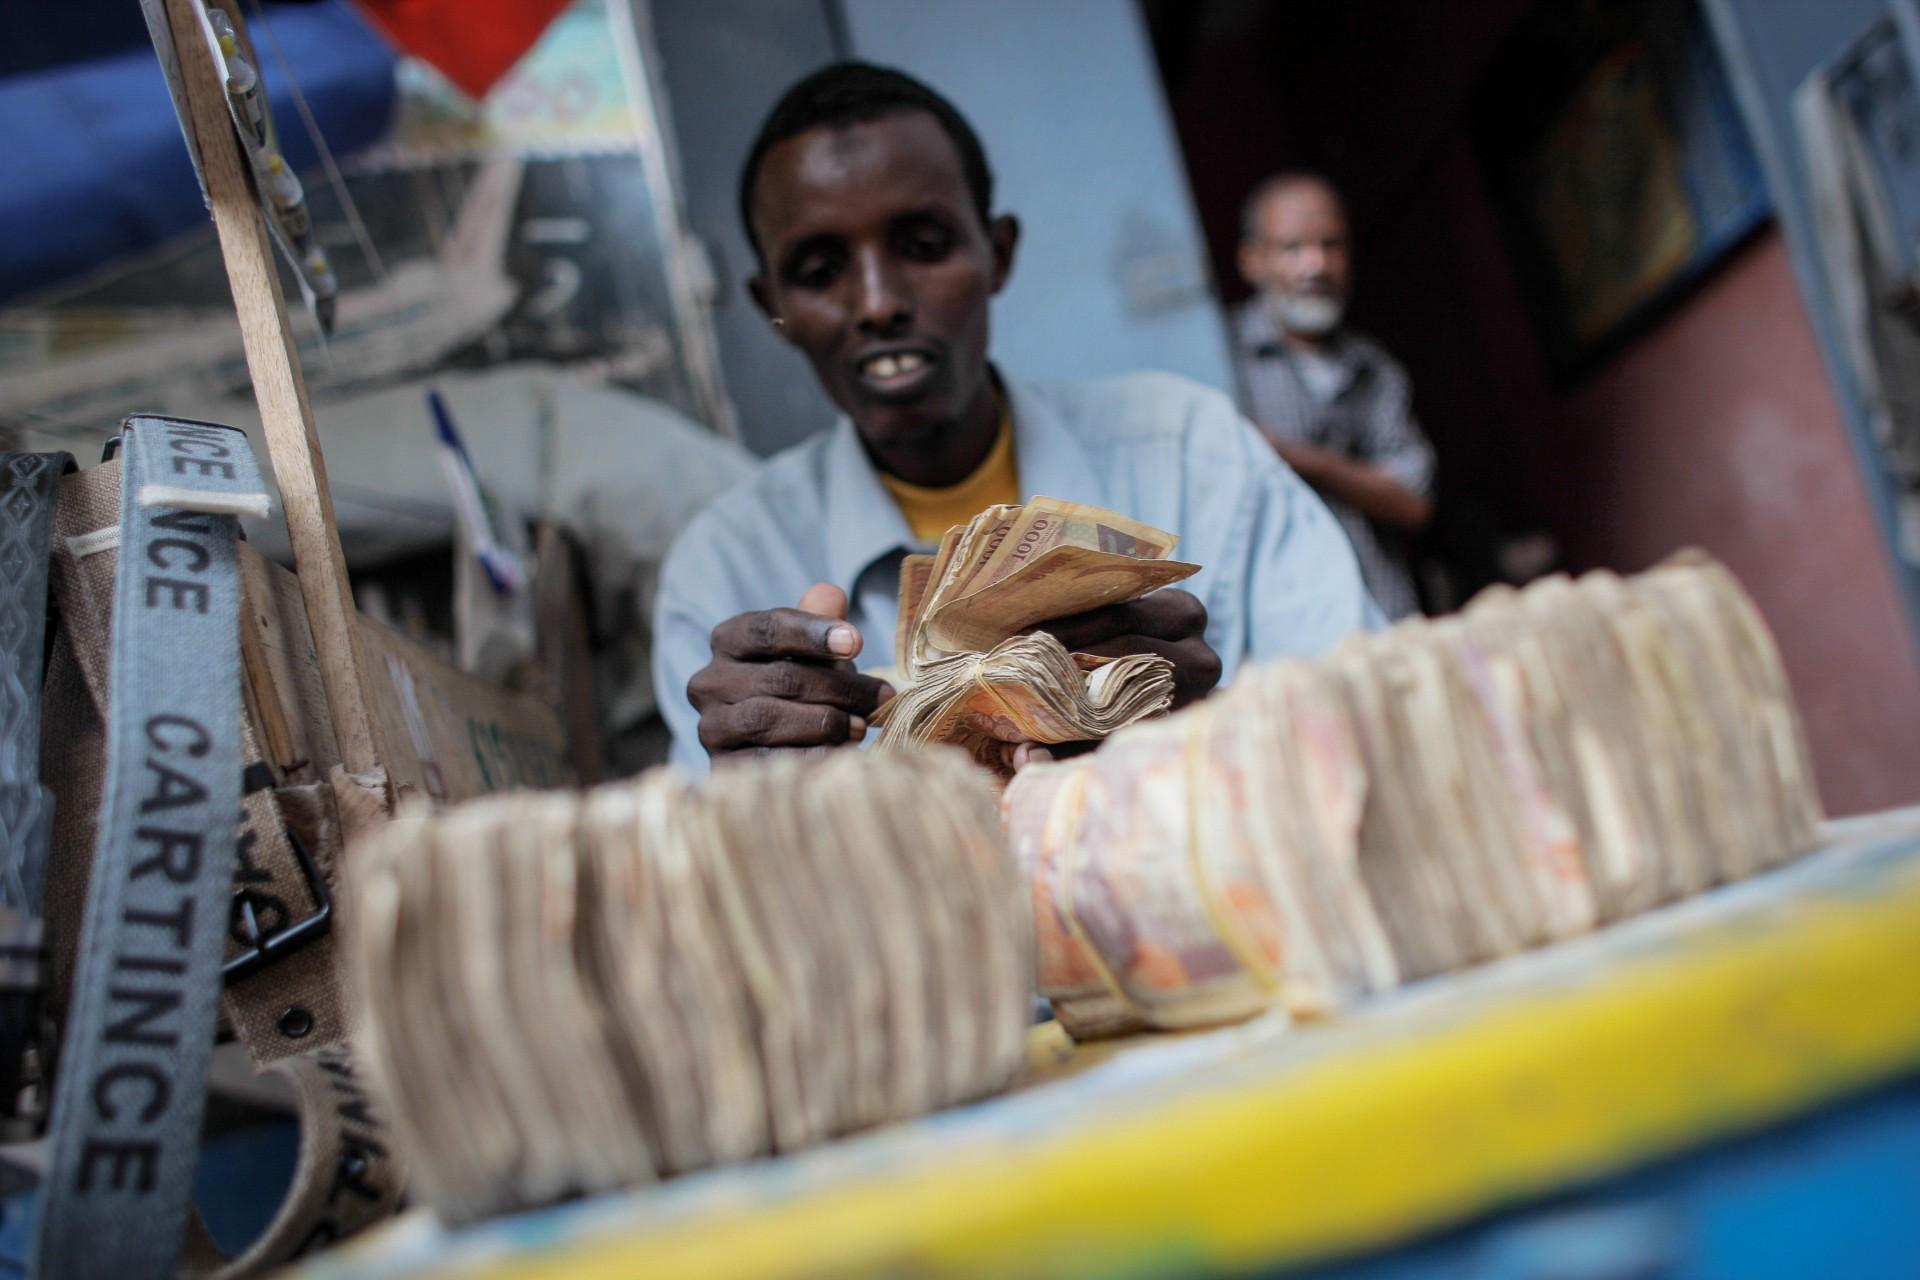 Redusere ulikhet i og mellom land